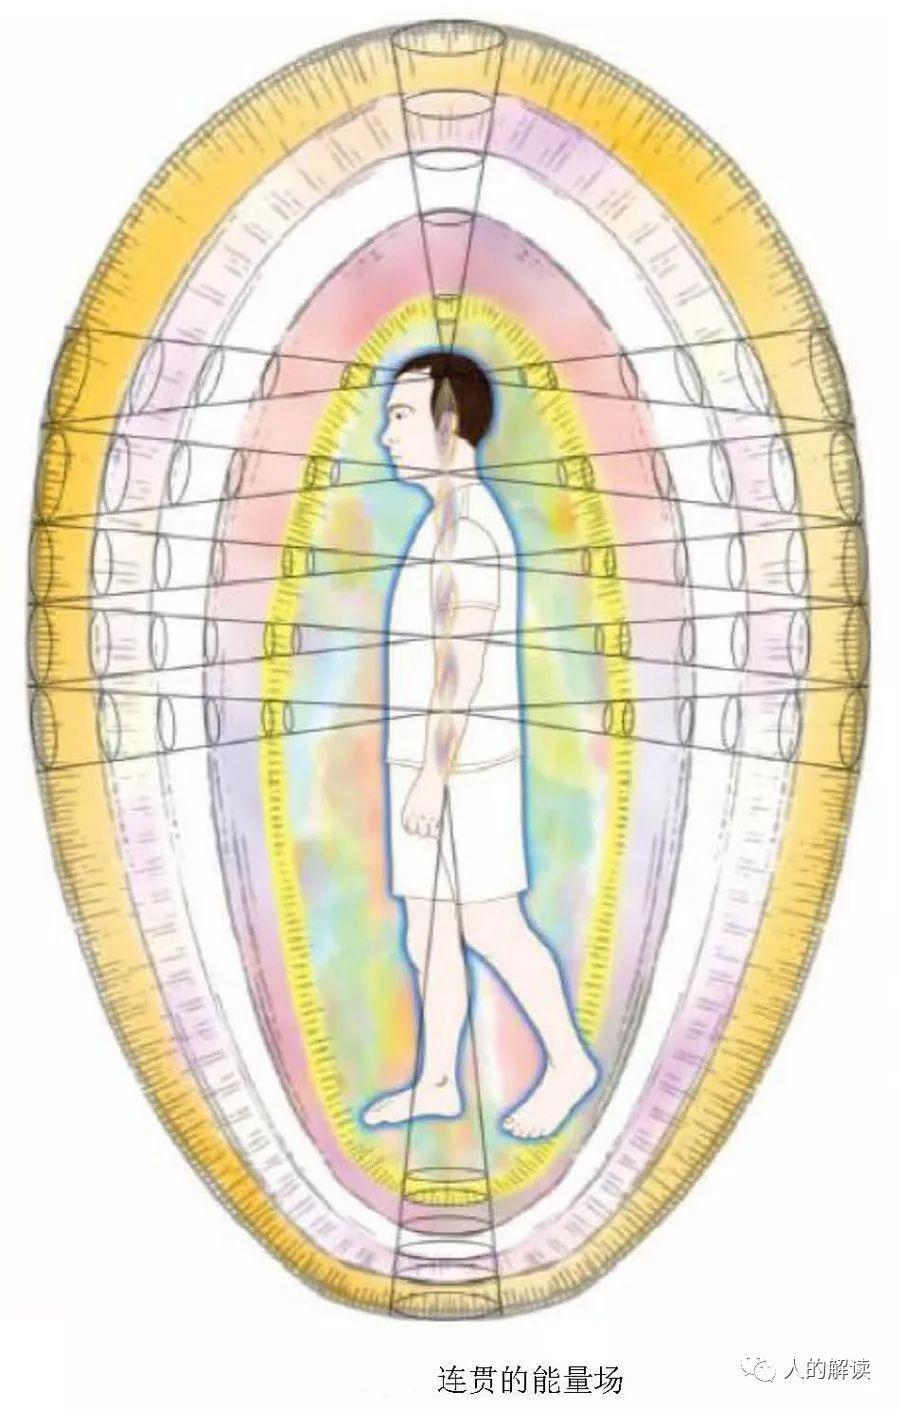 脉轮系列[07] 疾病的真相,不懂这些就不会有真正的健康-人的解读